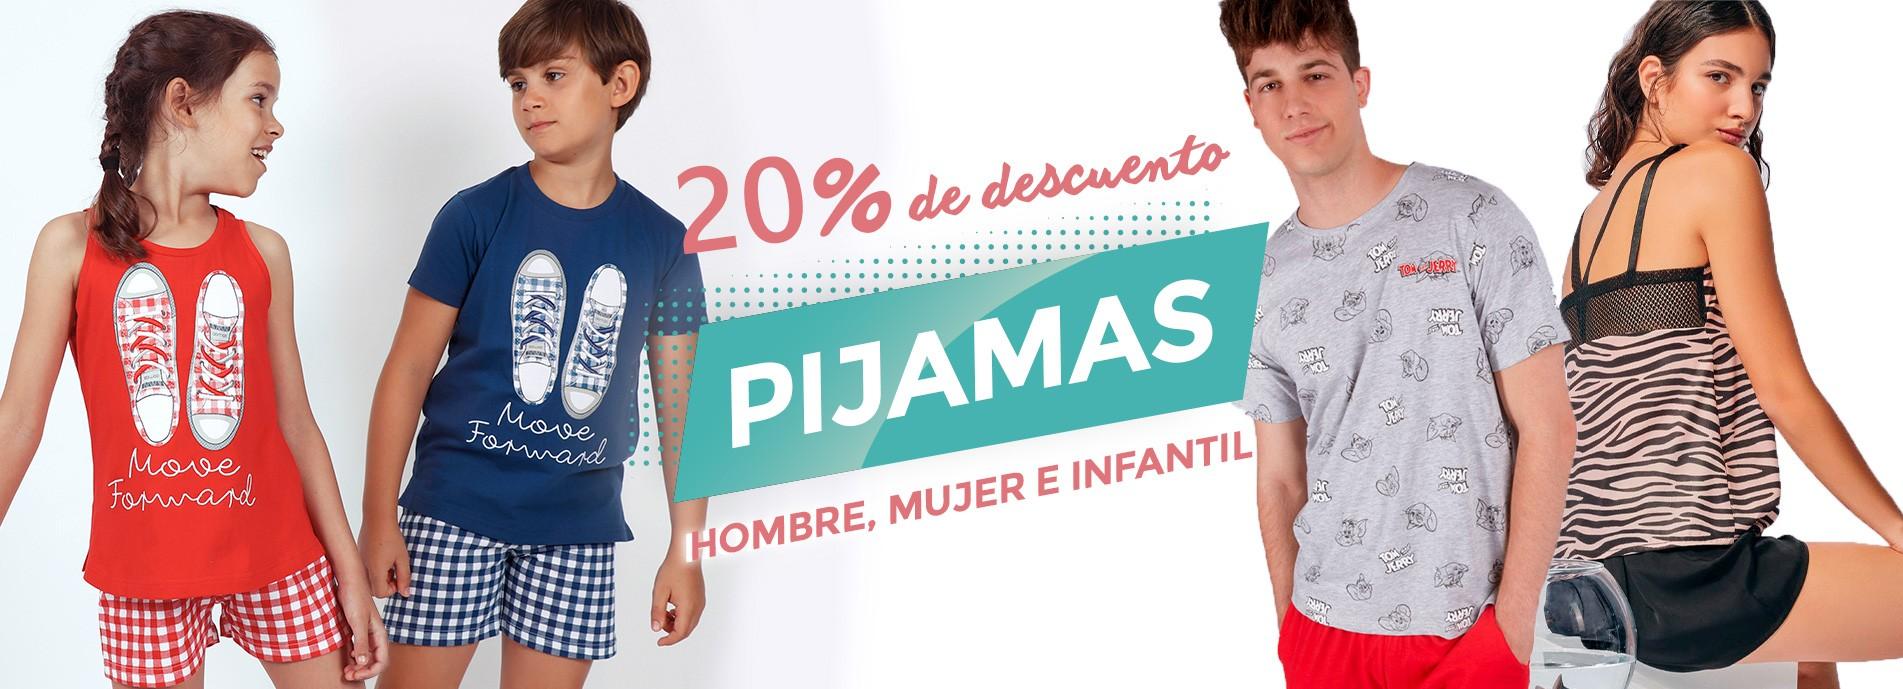 Rebajas en pijamas cortos de hombre, mujer e infantil